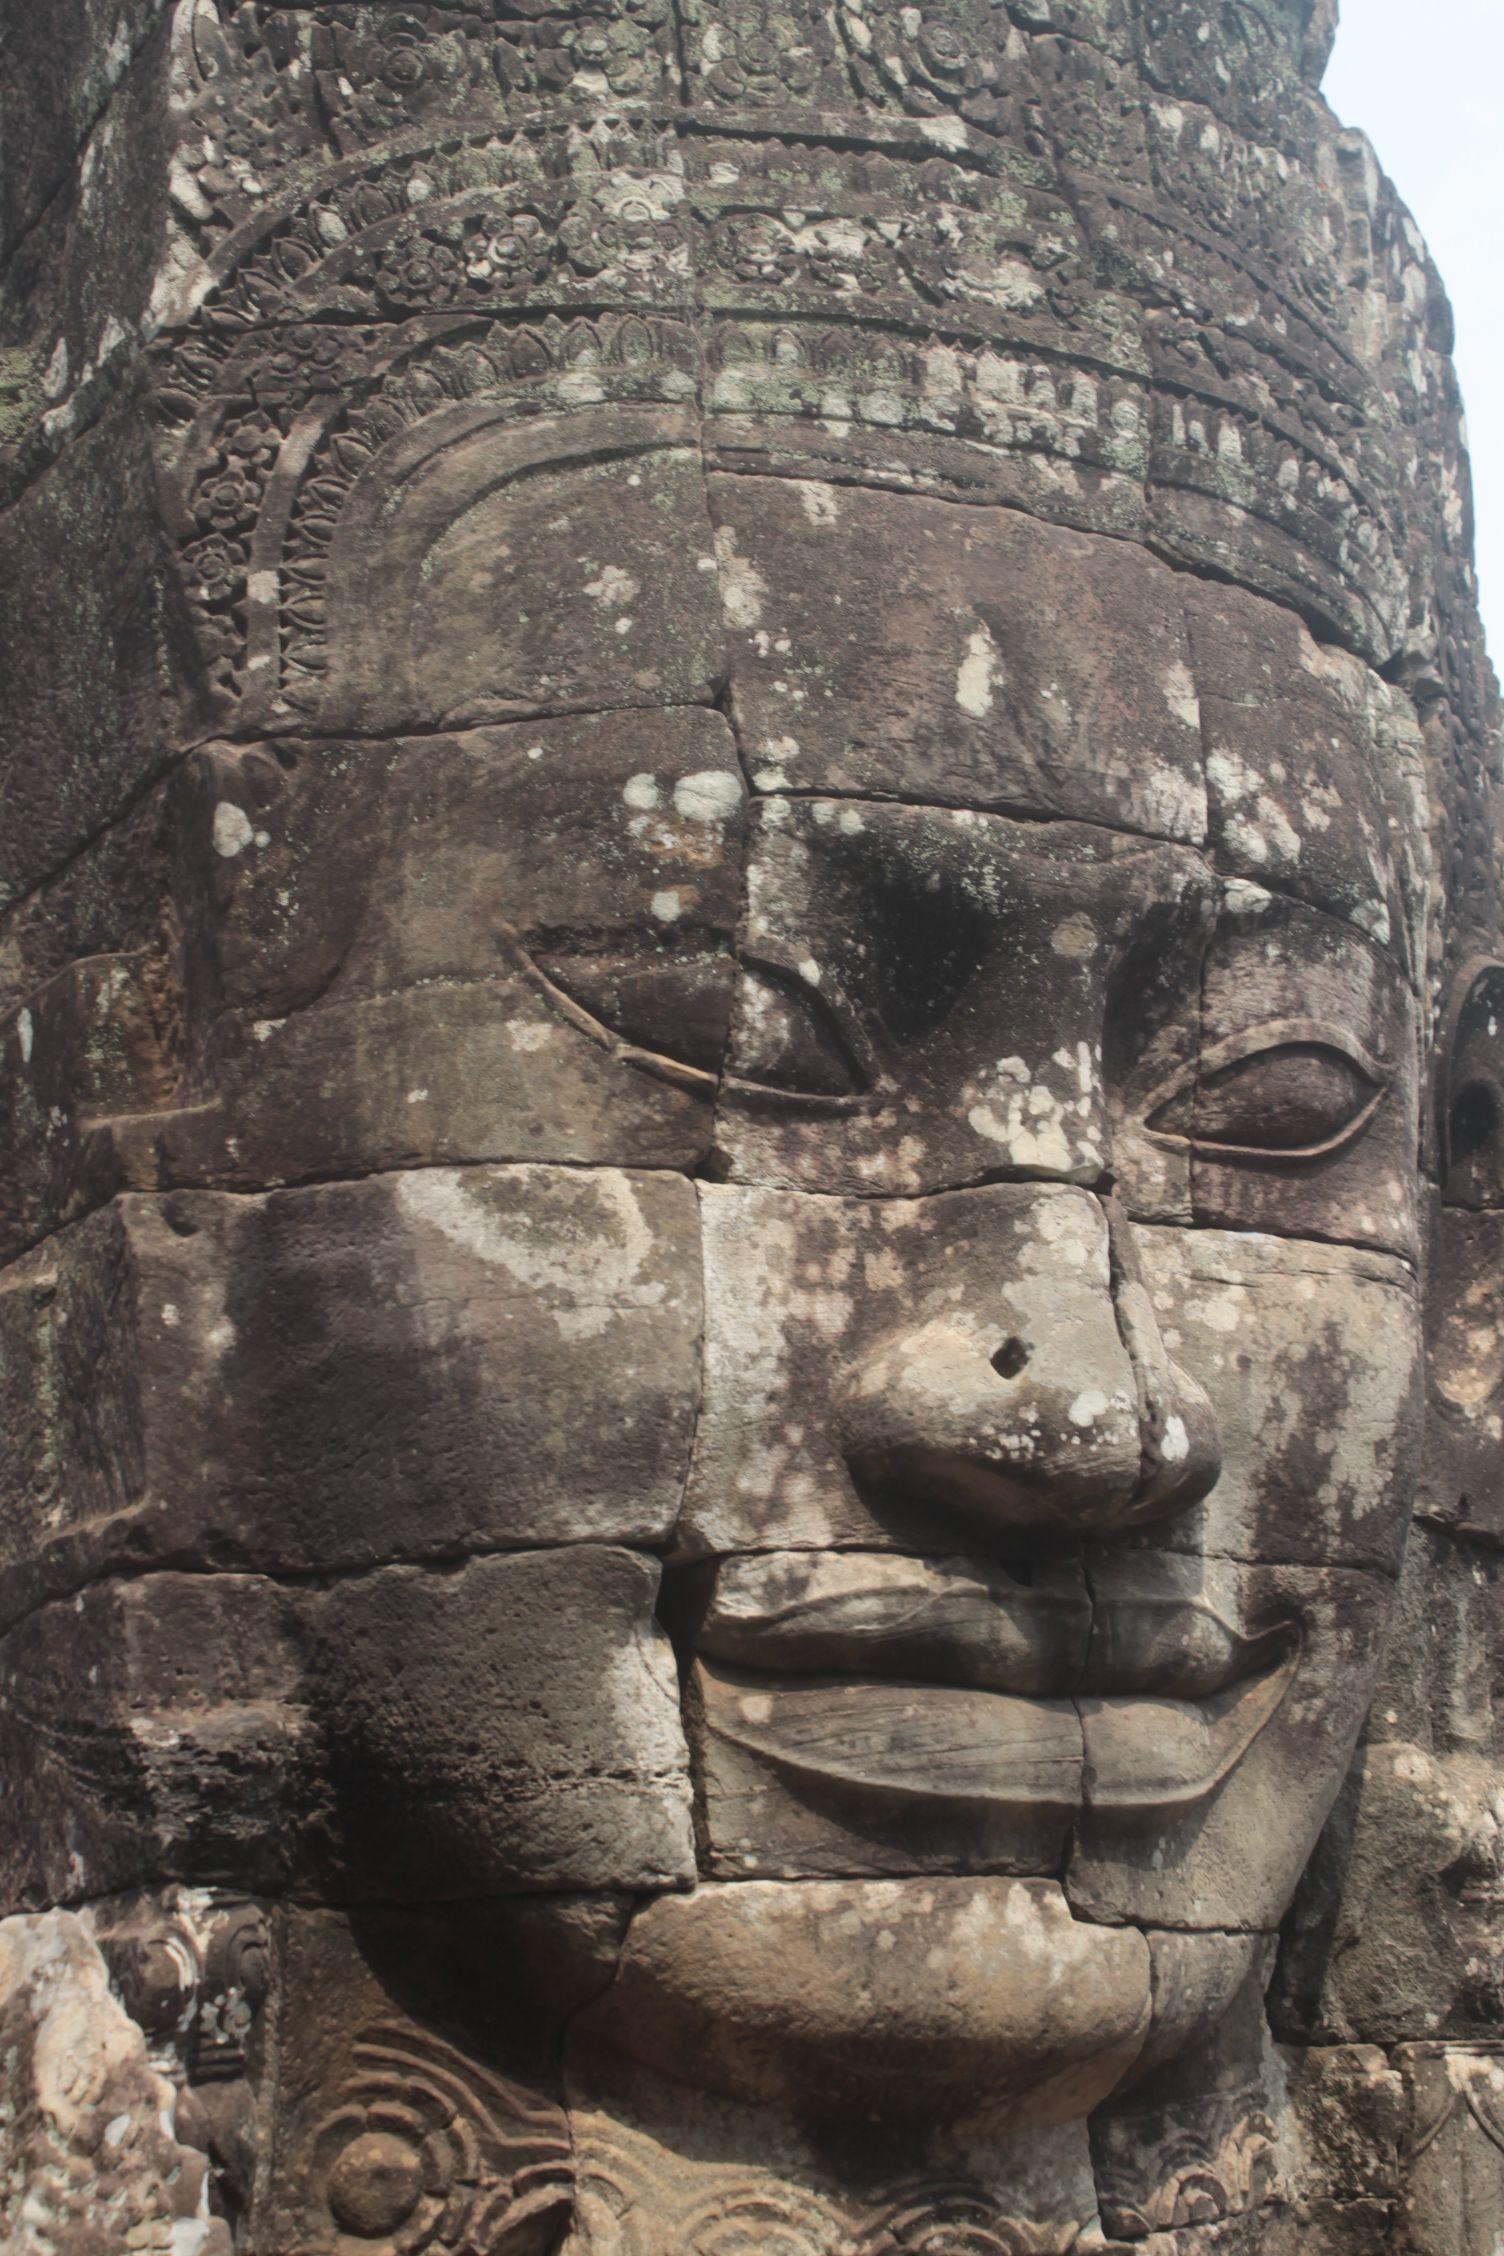 Una de las muchas caras que caracteriza el templo de Bayon, el que más nos gustó